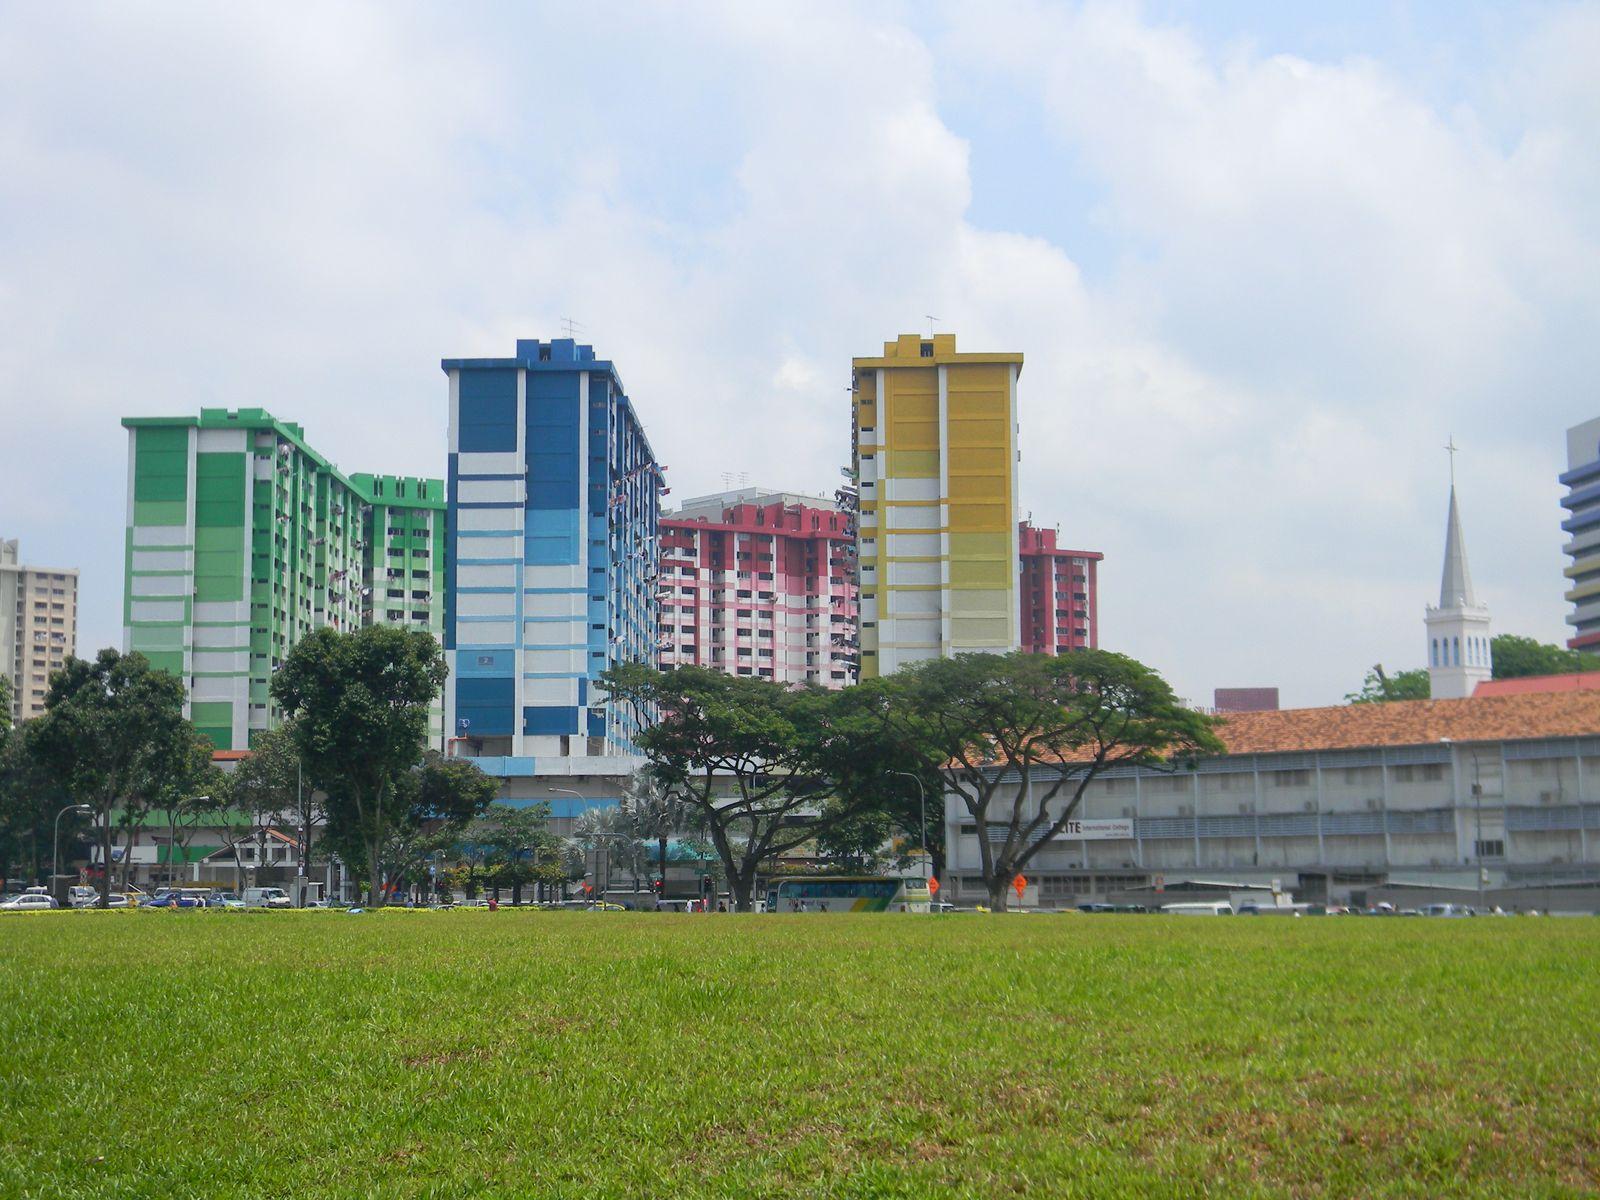 Quelques buildings et immeubles d'habitation.